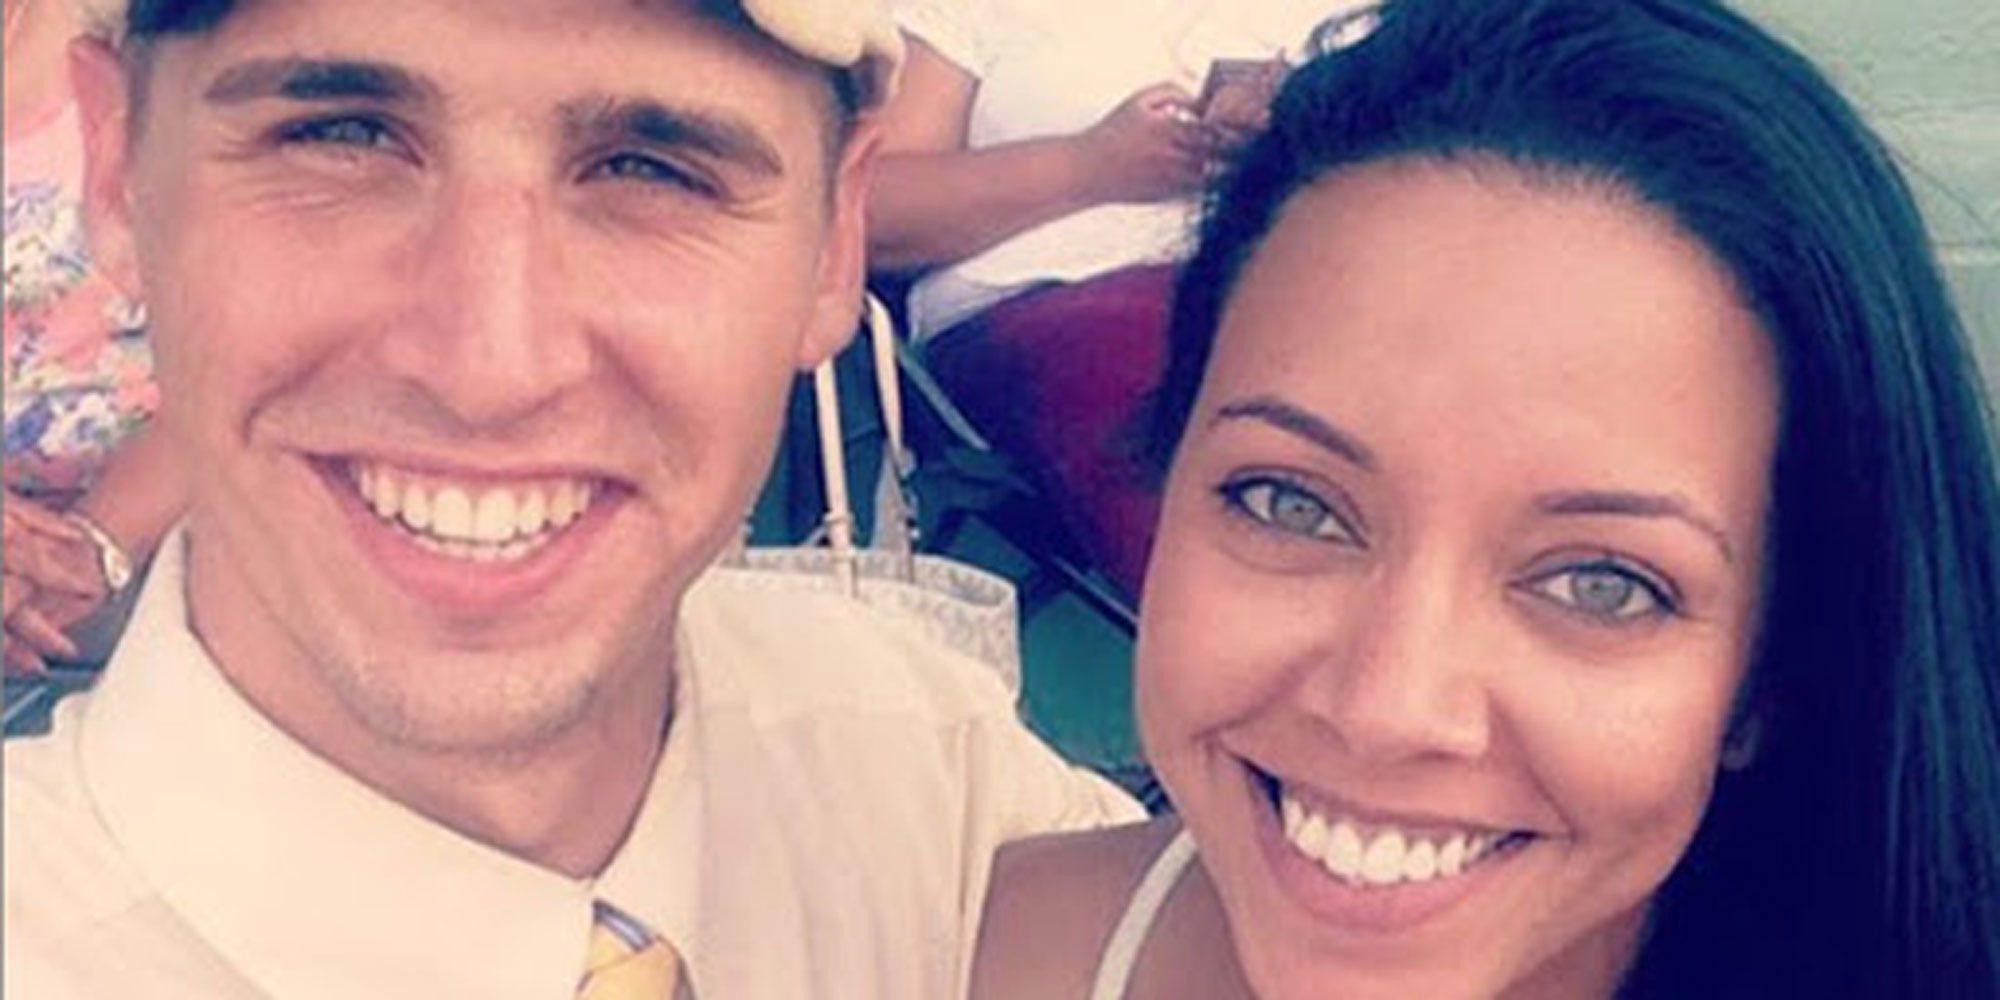 Se suicida el actor Hagen Mills a los 29 años tras disparar a su pareja